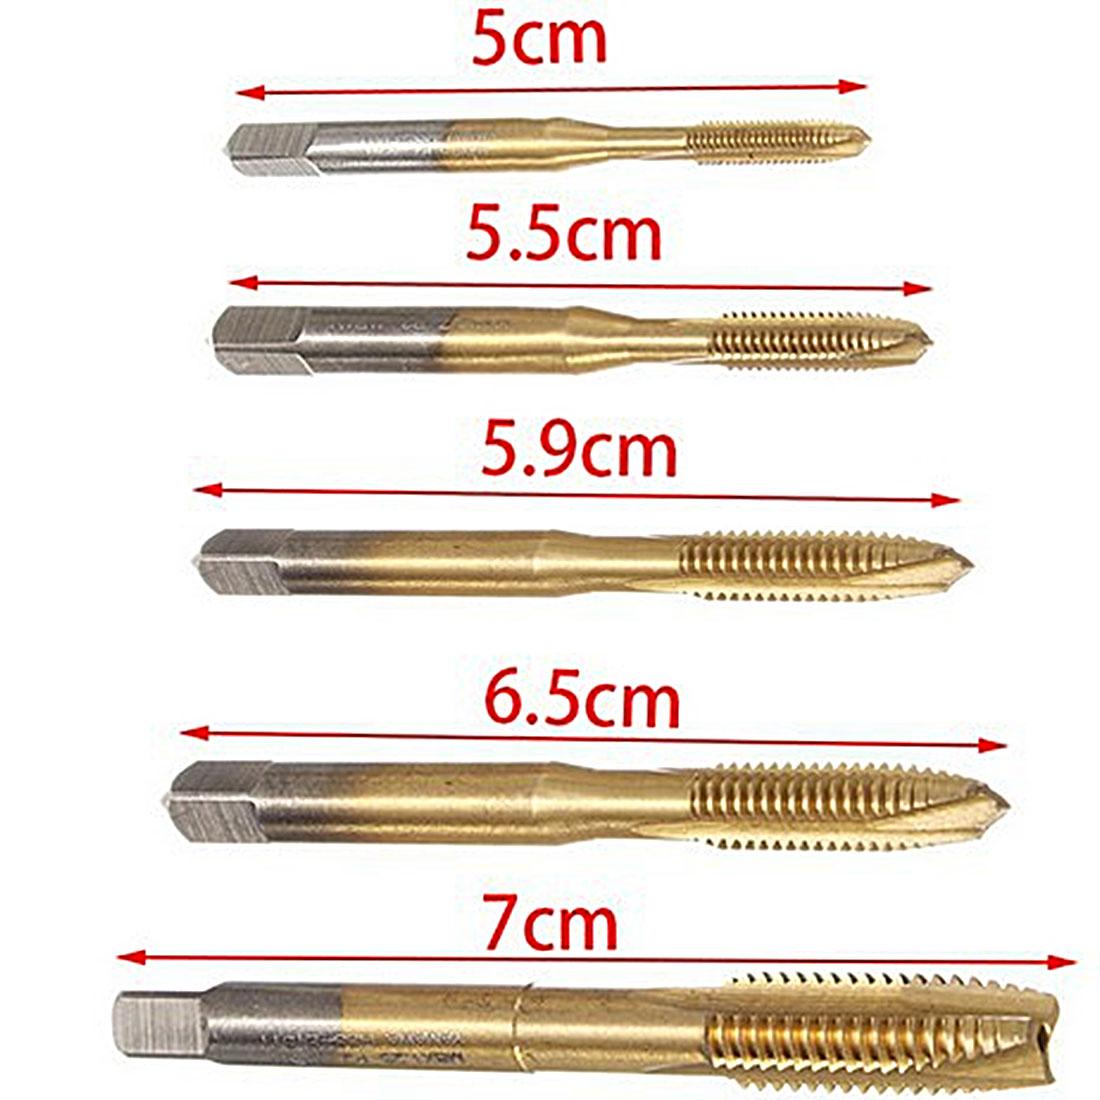 5 Teile/satz Hss Titanium Maschine Rechten Gewindebohrer 3 Flöte M3 M4 M5 M6 M8 Spiral Punkt Gewinde Stecker Griff Wasserhähne Sterben Set Hand Werkzeug Handwerkzeuge Tap & Sterben